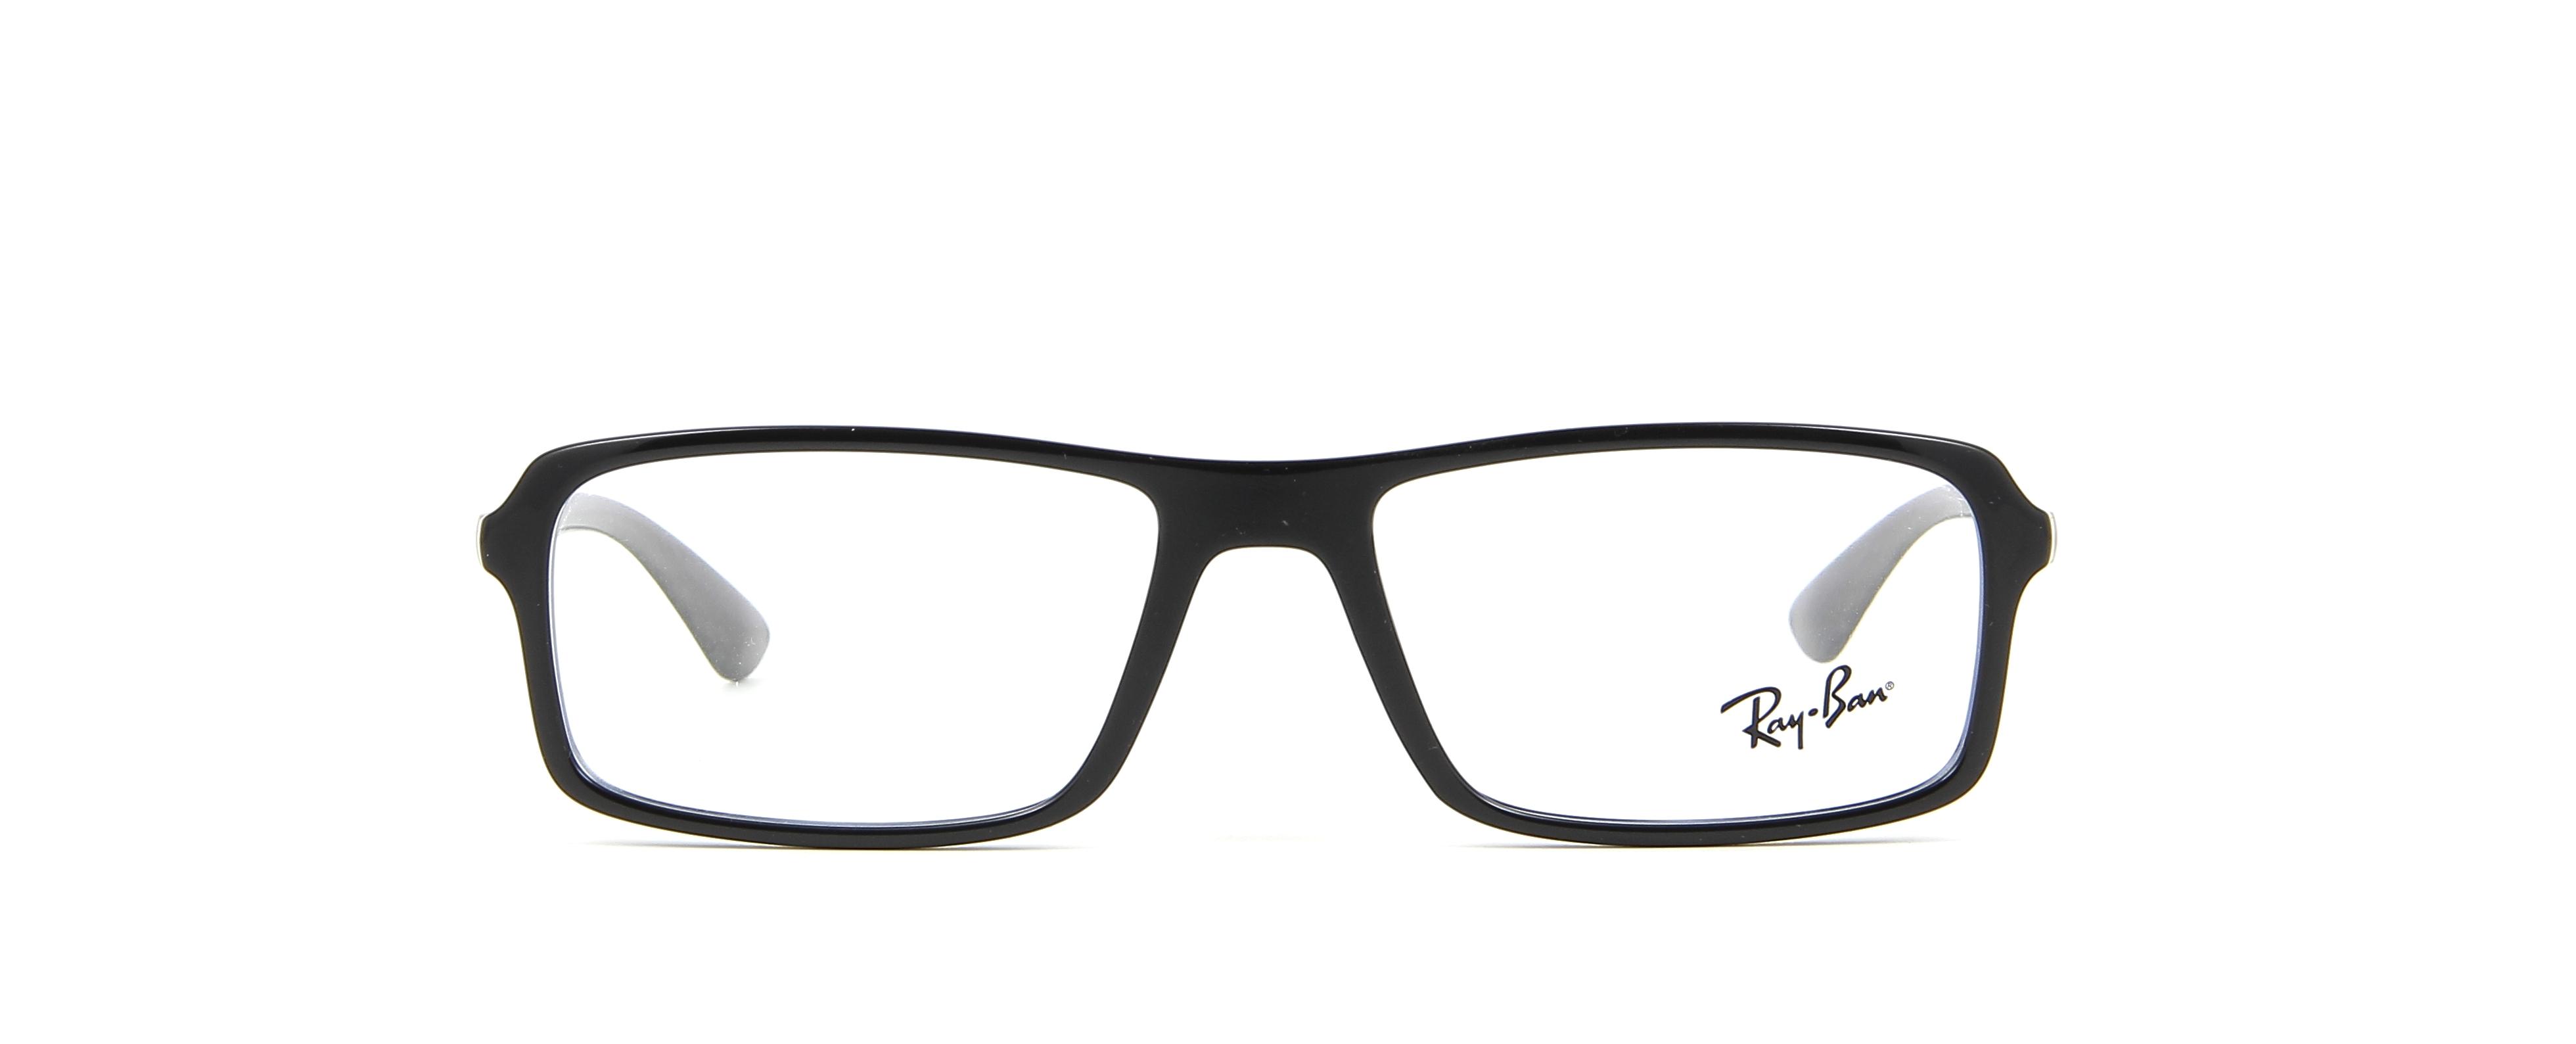 essayage virtuel lunettes ligne Les avantages de l'essayage virtuel  essayage 3d en ligne accueil services essayage lunettes virtuel 3d suivez-nous facebook.